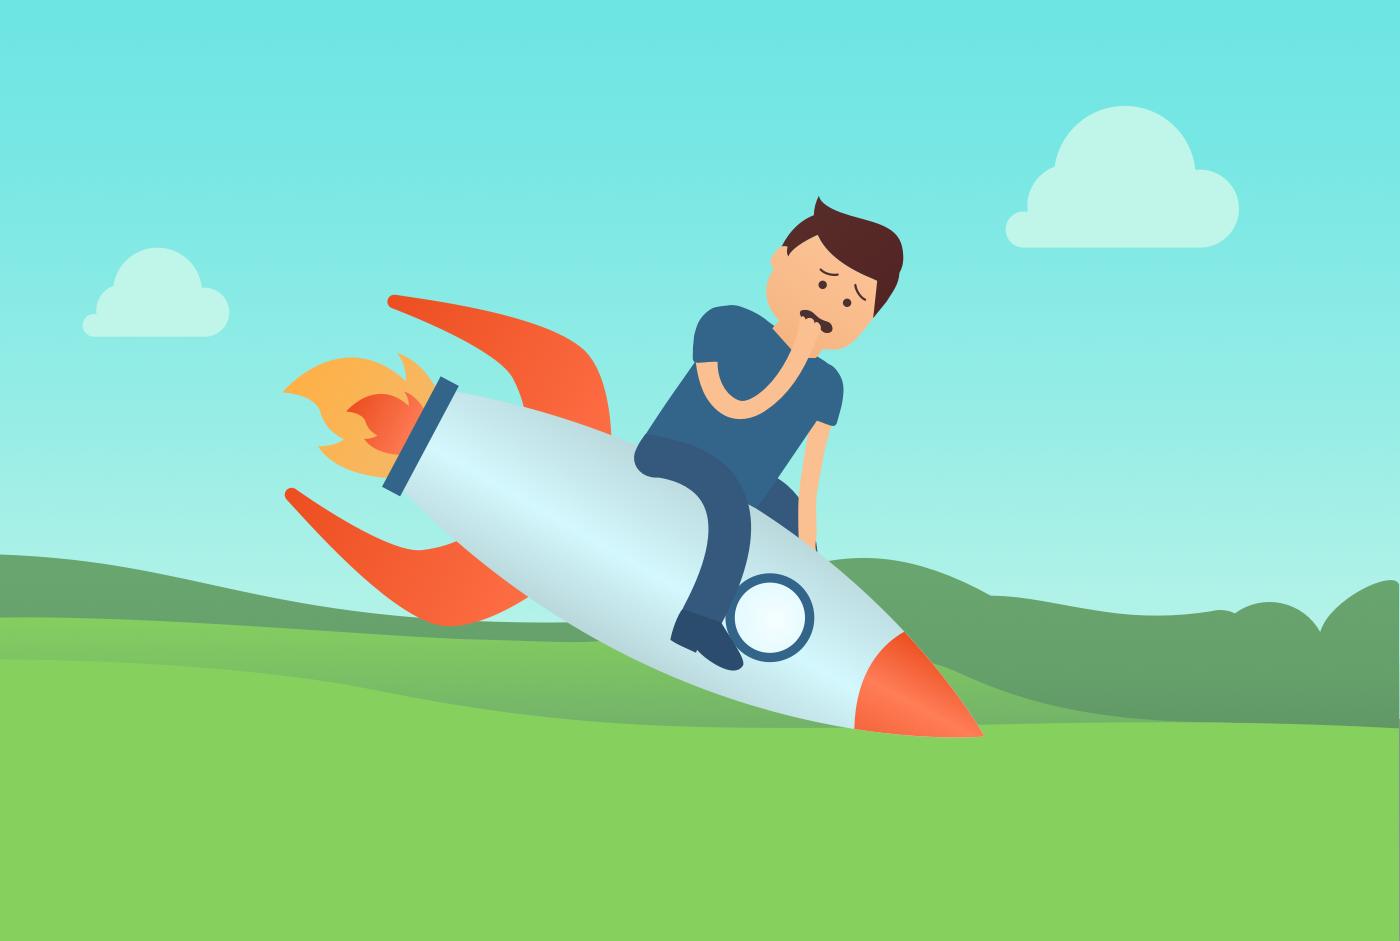 Why do great mobile app ideas fail?